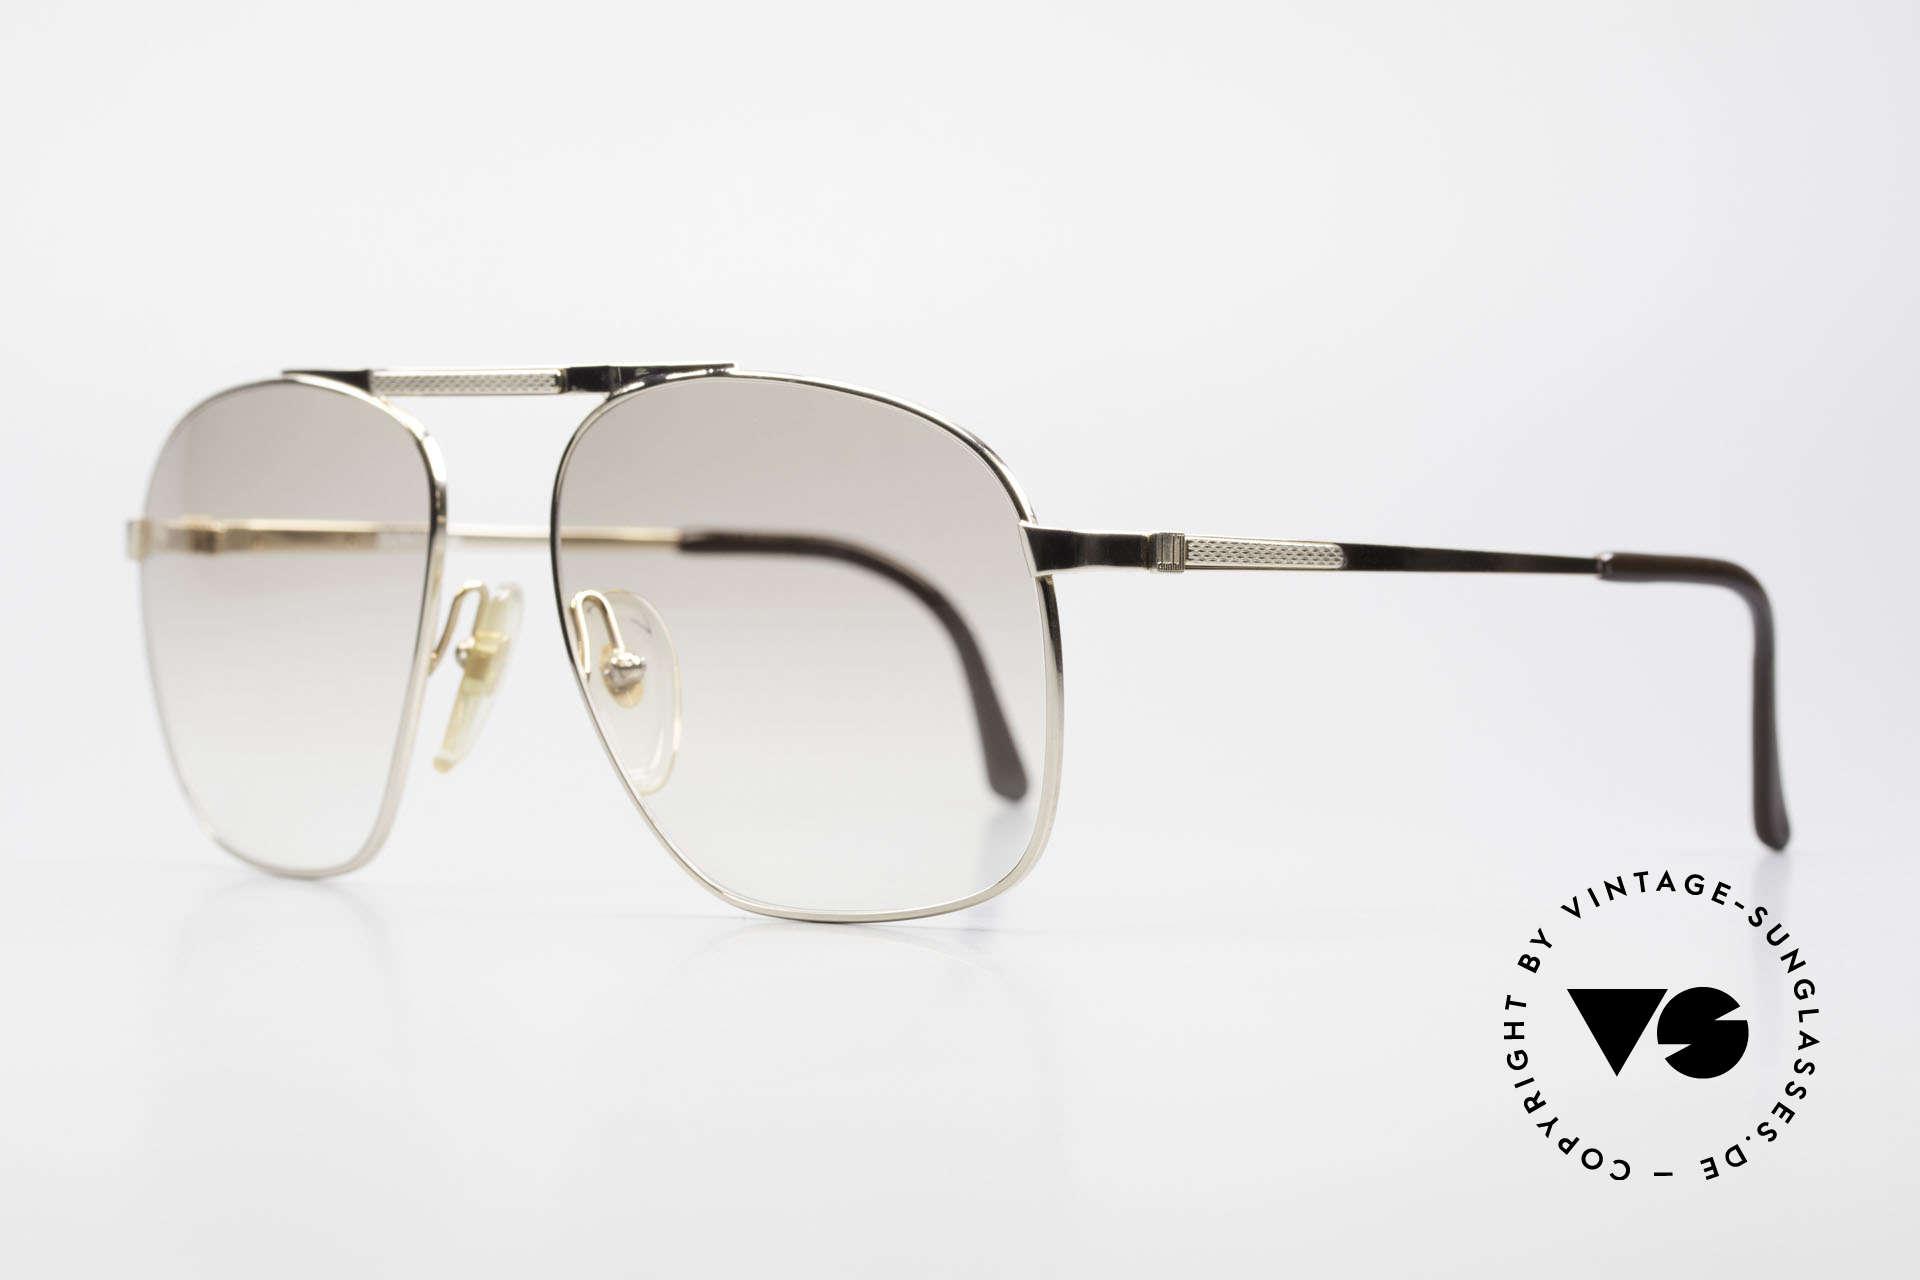 Dunhill 6046 80er Herrenbrille Vergoldet, vergoldeter Rahmen mit leicht getönten Sonnengläsern, Passend für Herren